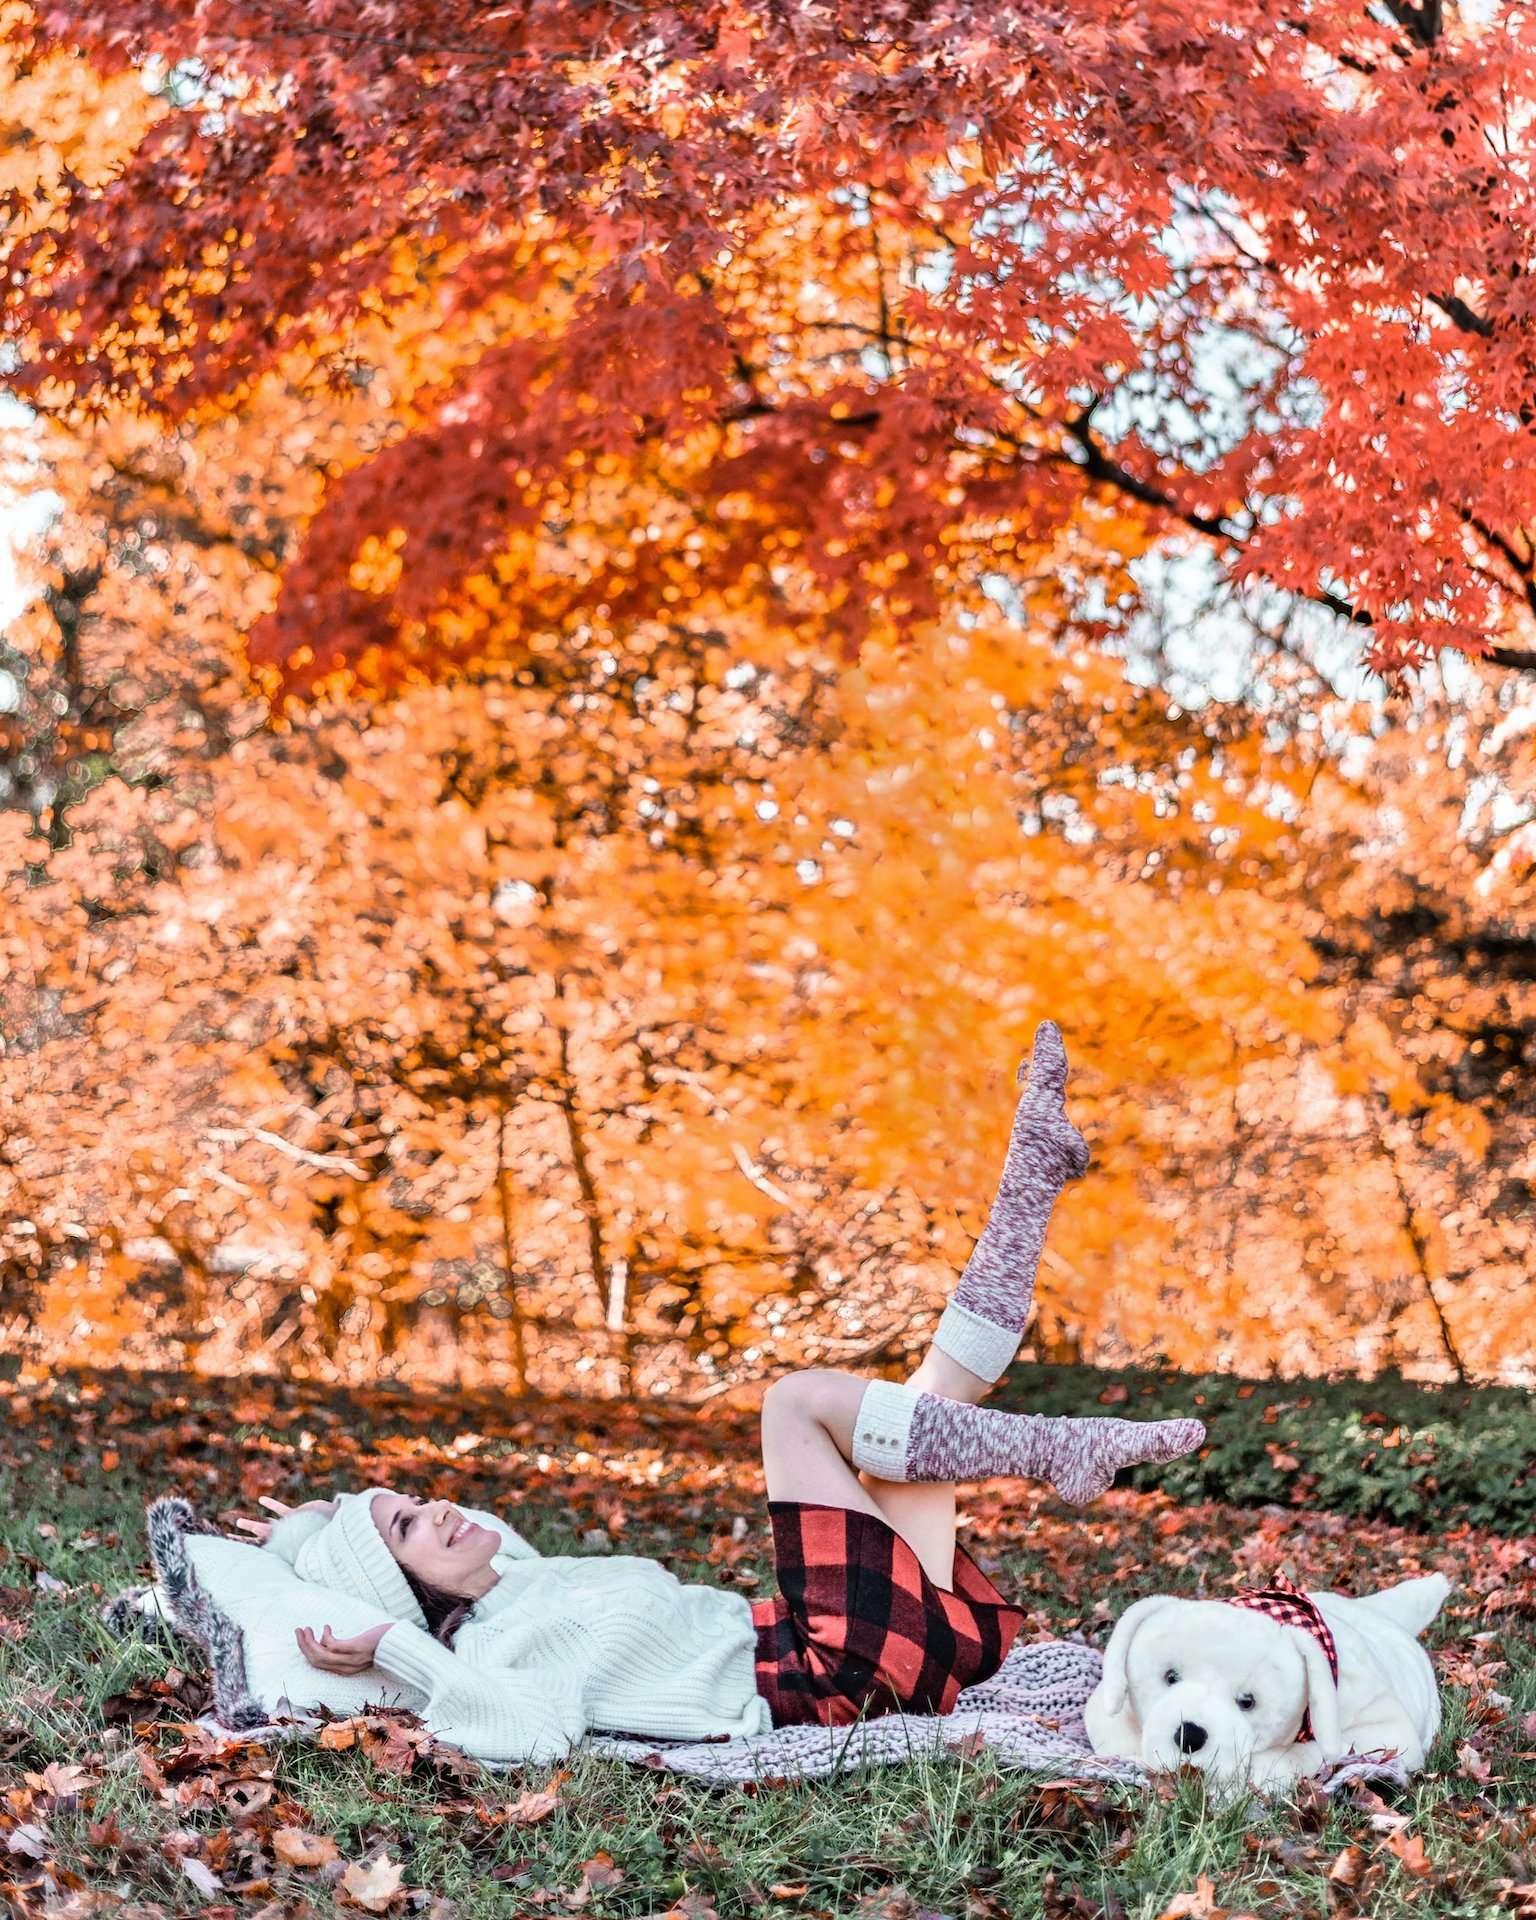 outdoor fun with throw pillows